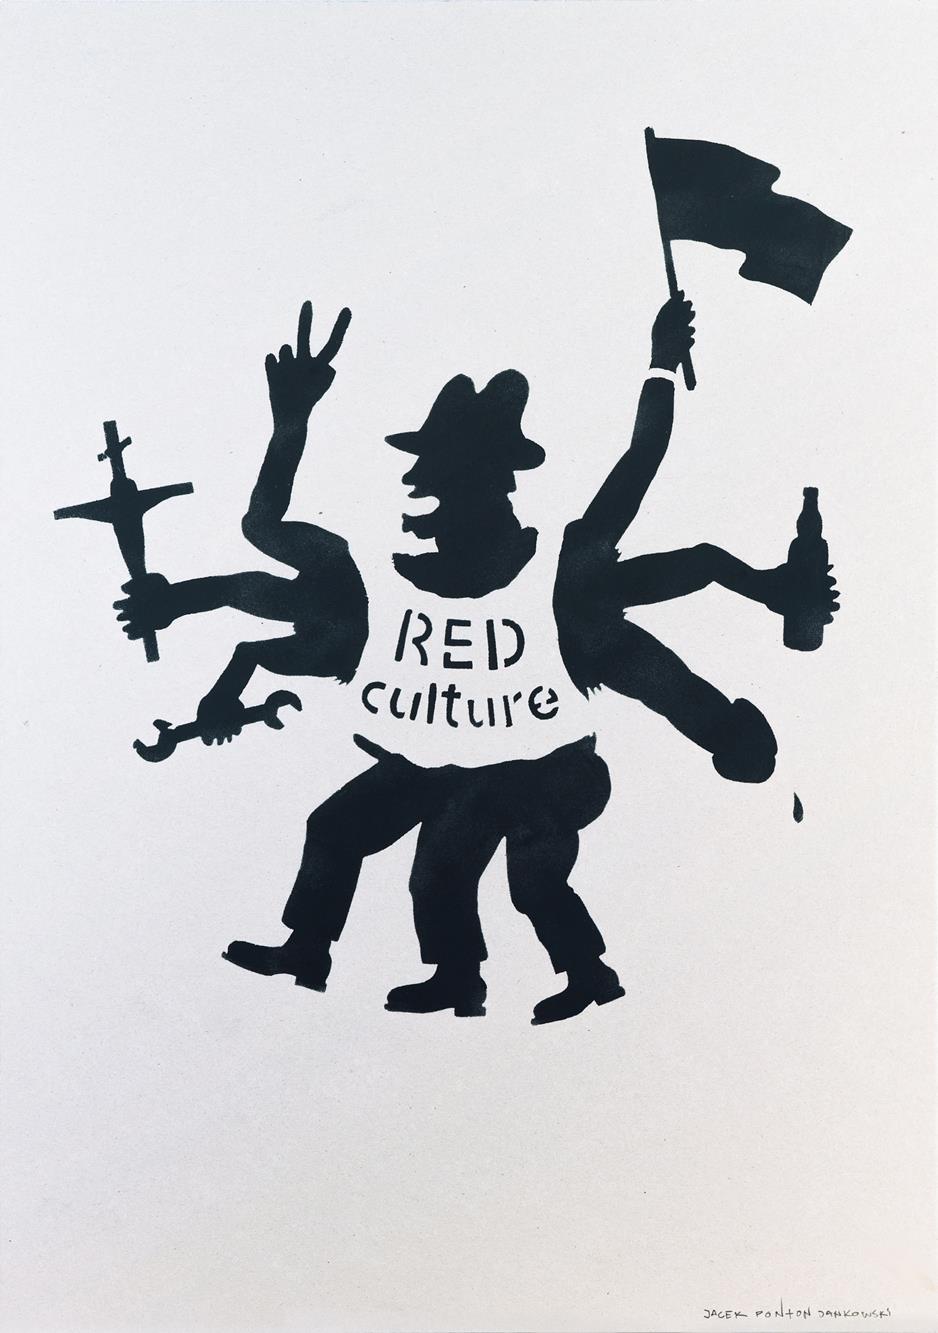 """Jacek """"Ponton"""" Jankowski, Red Culture, 1986, odbitka szablonu. Kolekcja DTZSP, depozyt w MWW. Fot. Małgorzata Kujda"""